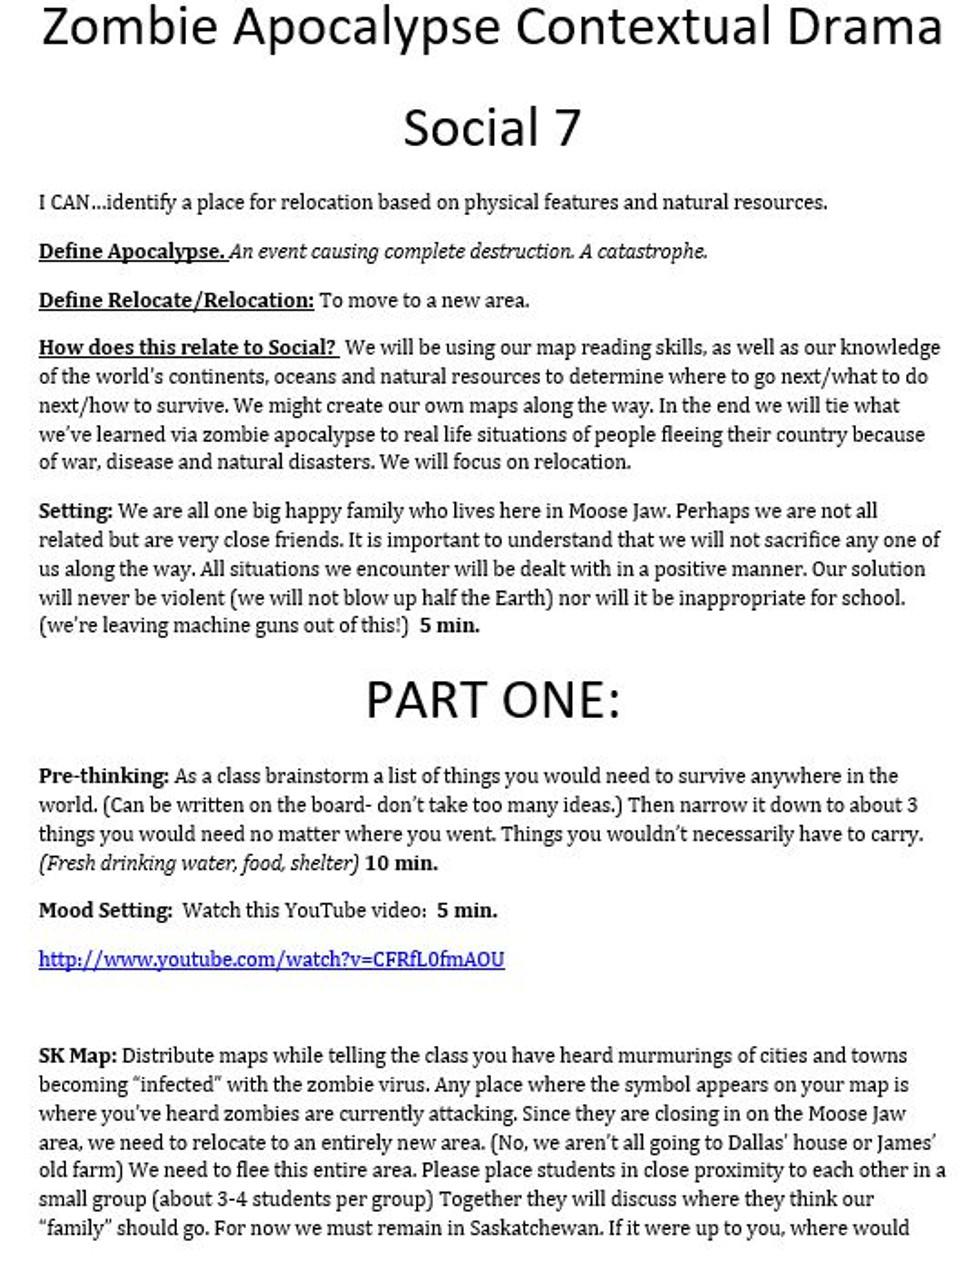 Social Studies - Zombie Apocalypse